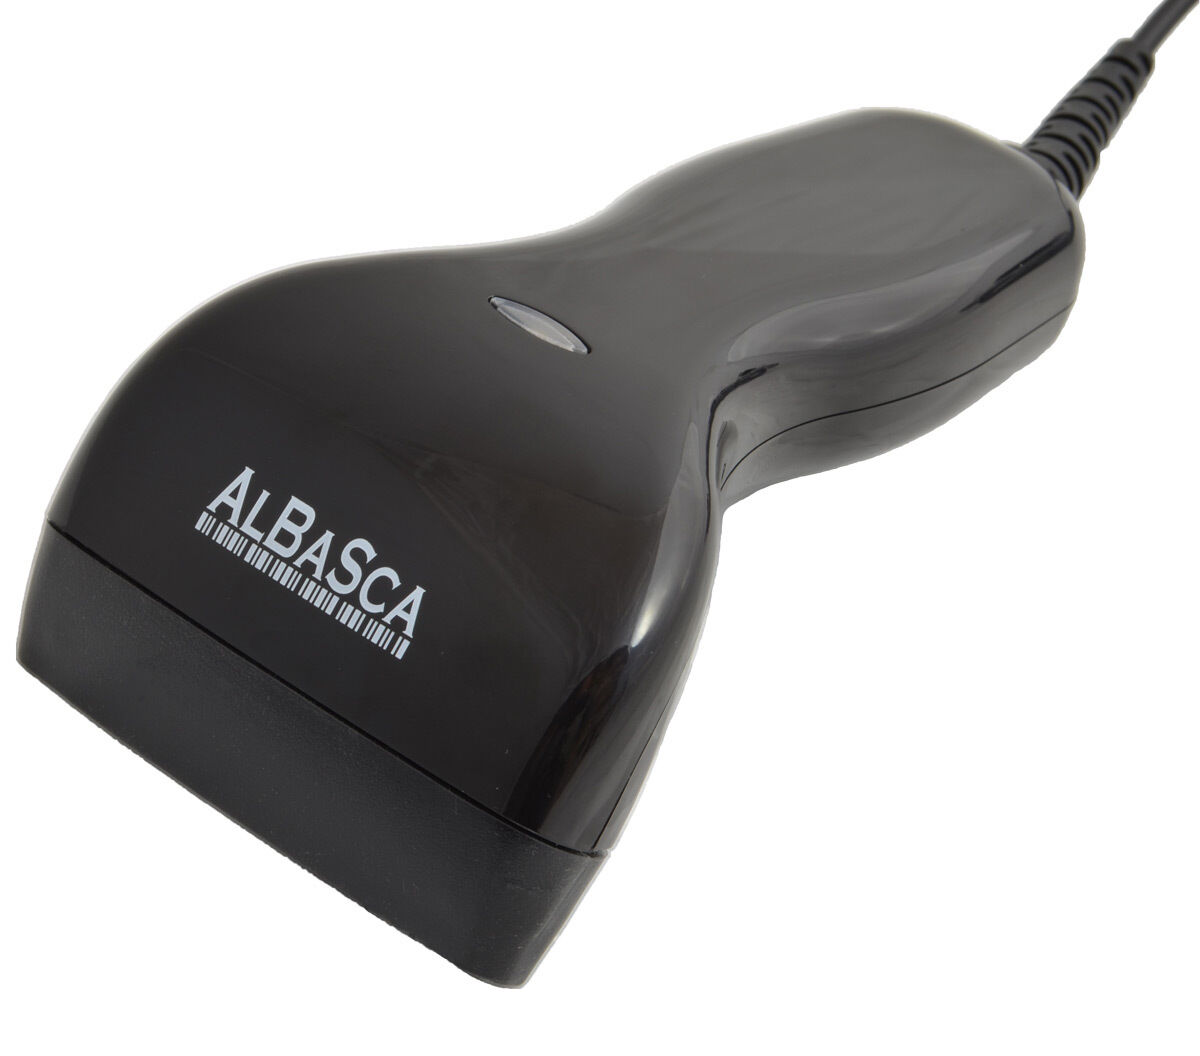 ALBASCA USB CCD-820-HAND-BARCODE-SCANNER BARCODELESER BARCODESCANNER Neues Gerät